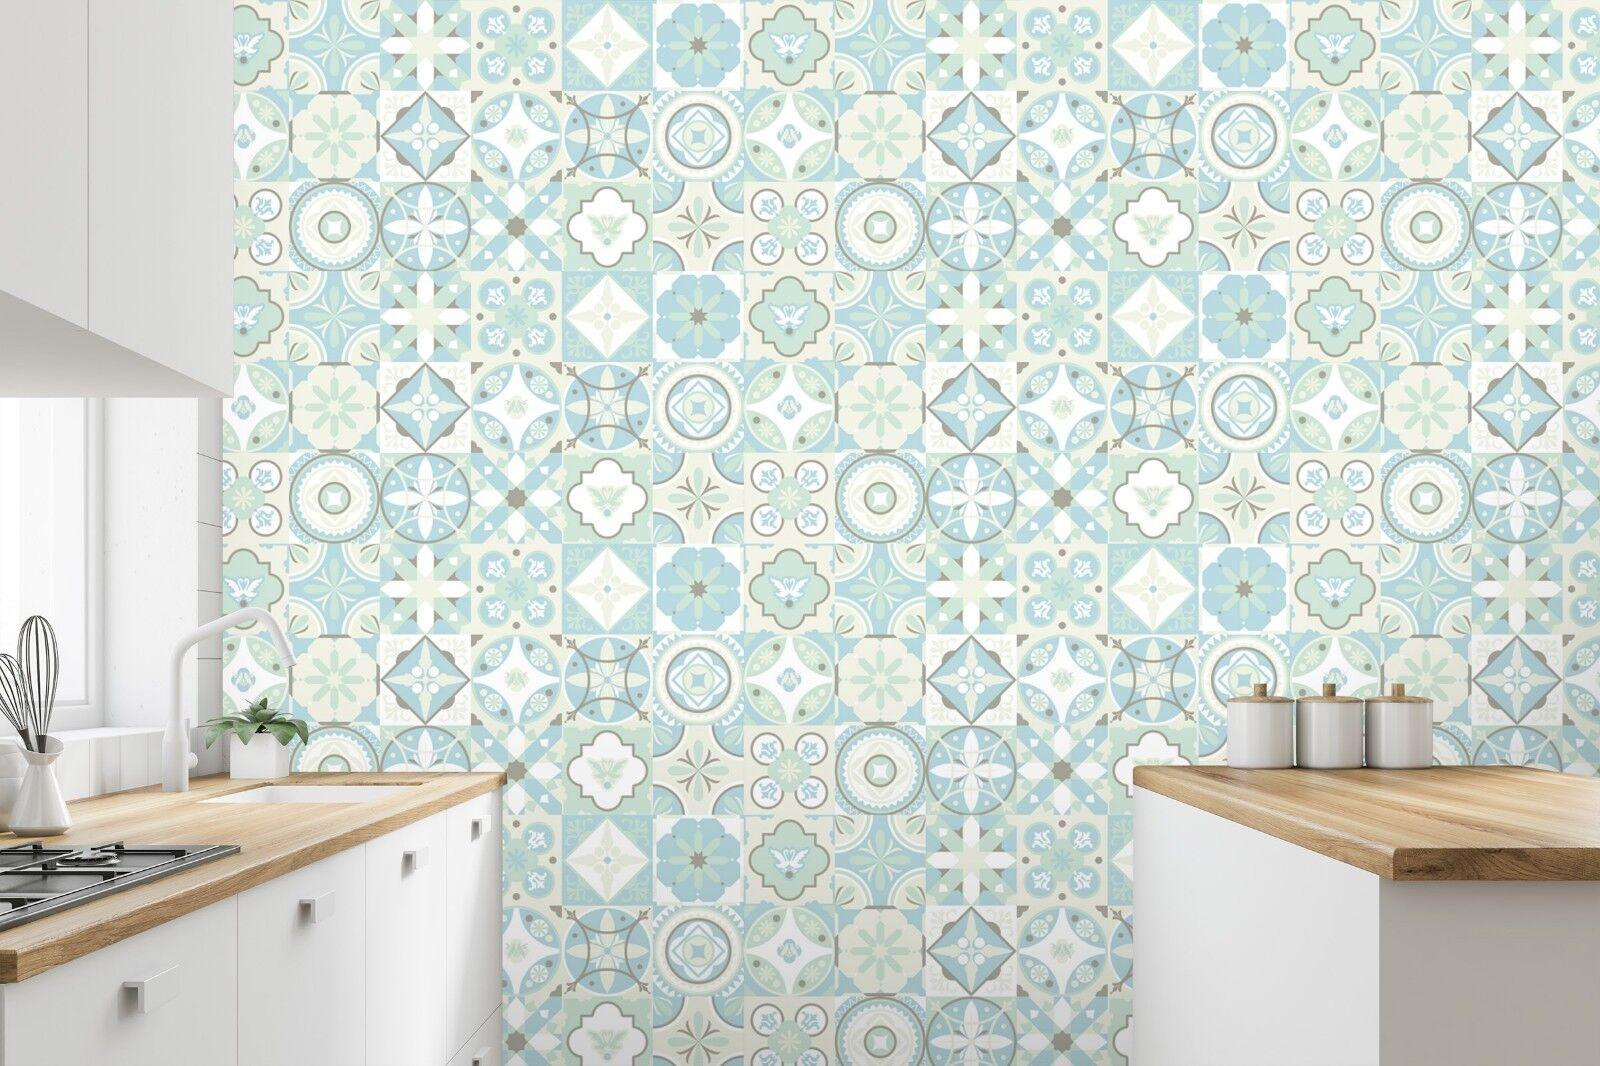 3D Grün Blaume Muster 3  Textur Fliesen Marmor Tapeten Abziehbild Tapete Wandbild